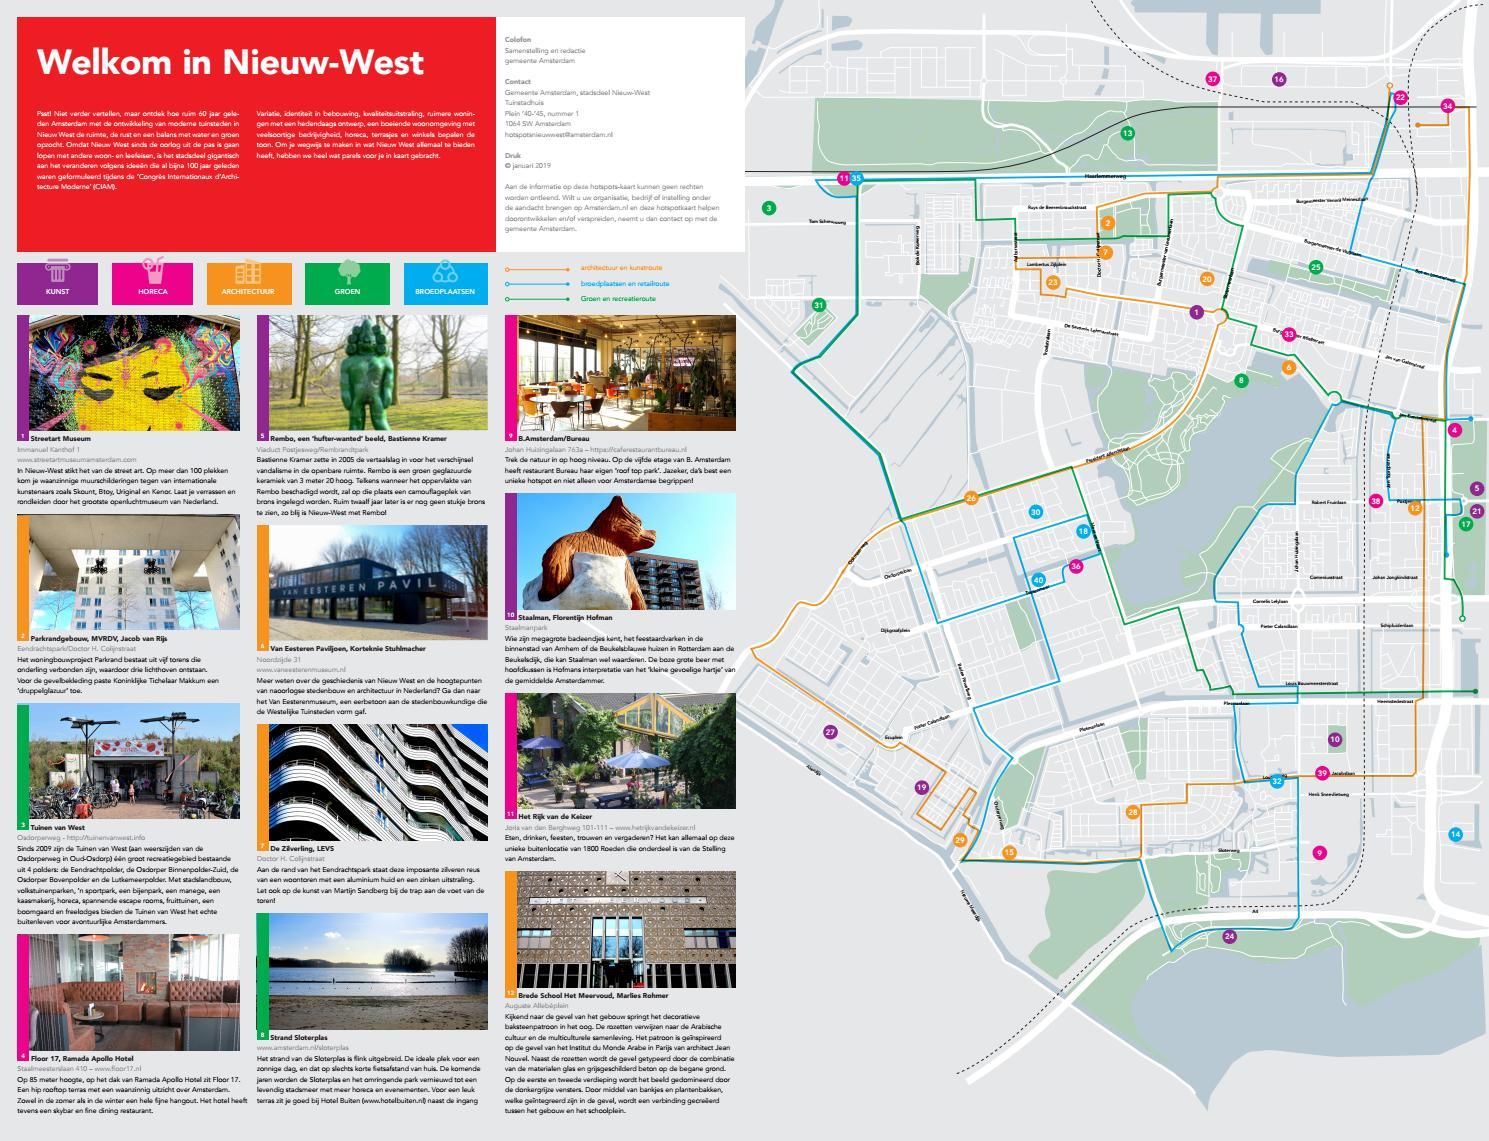 De Tuinen Van West Amsterdam.2019 Hotspotkaart Amsterdam Nieuw West 40 Toffe Locaties By Rene